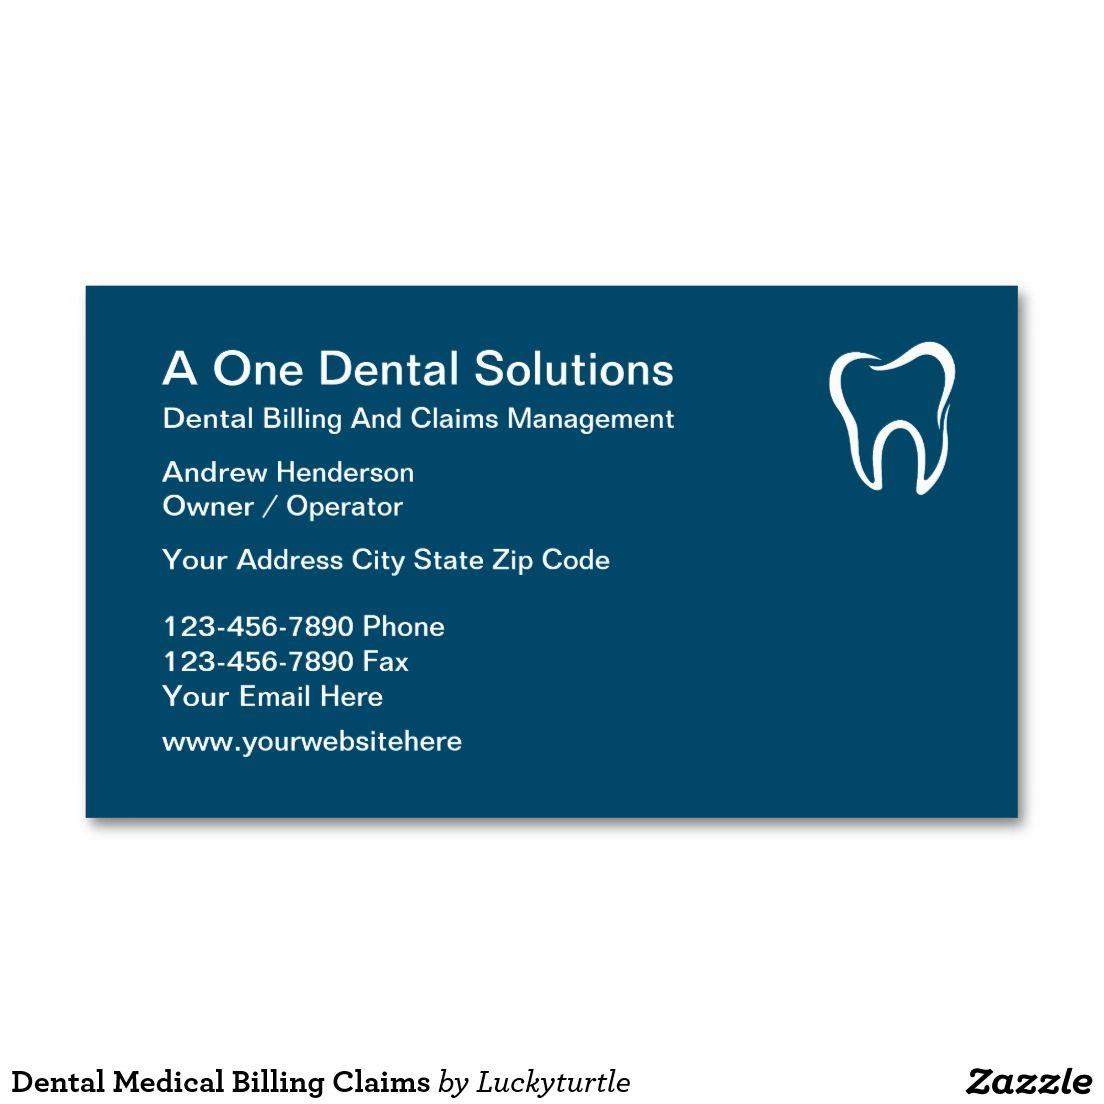 Dental Medical Billing Claims Business Card   Dental, Dentist ...